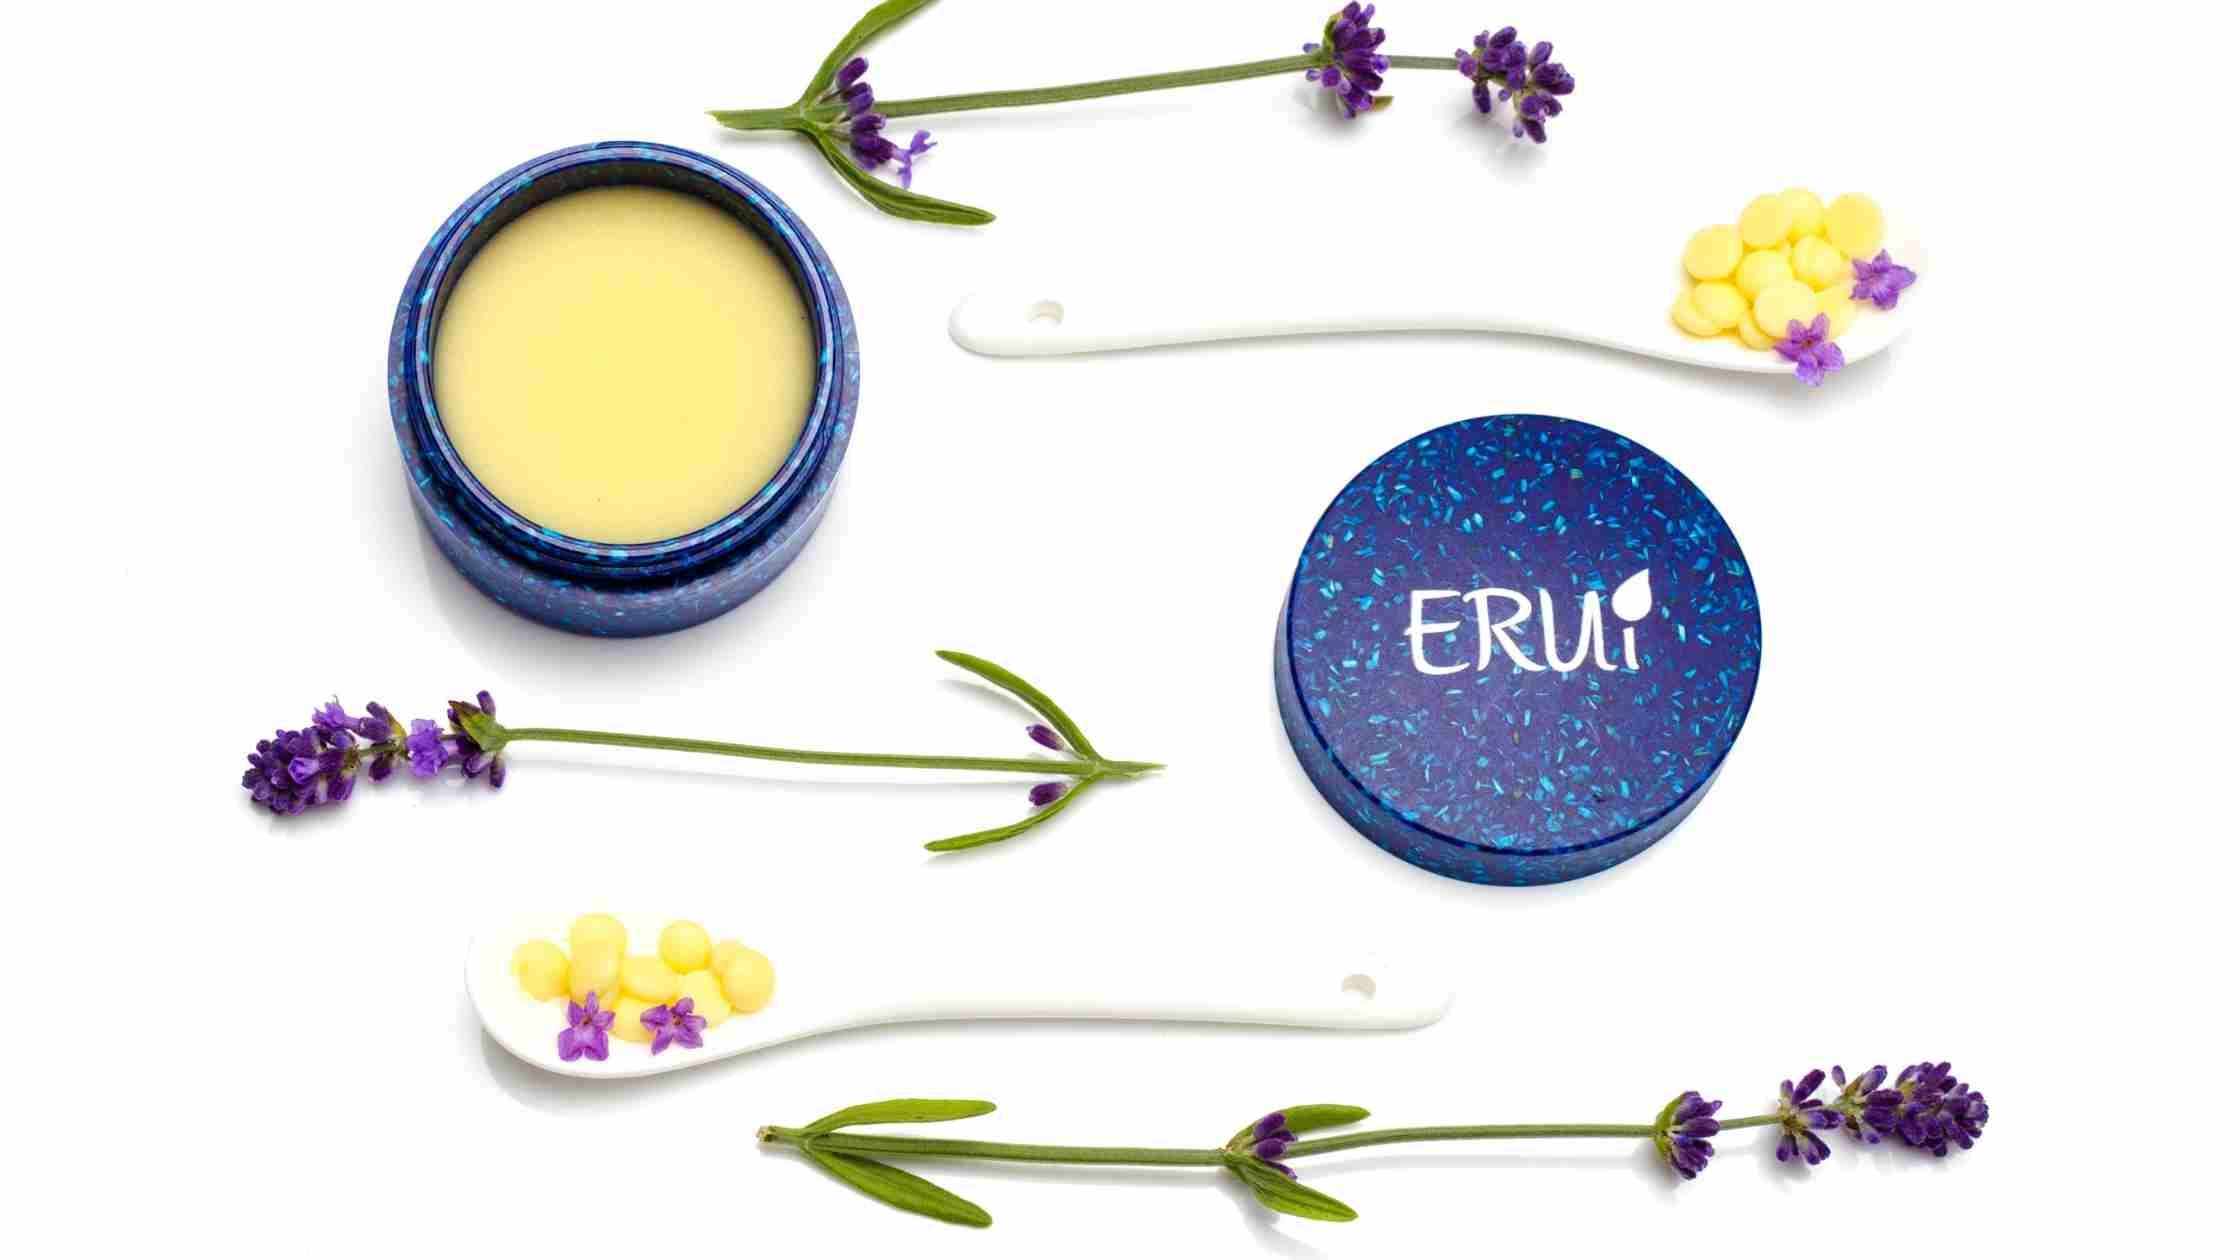 ERUi Bio kozmetika brez plastike